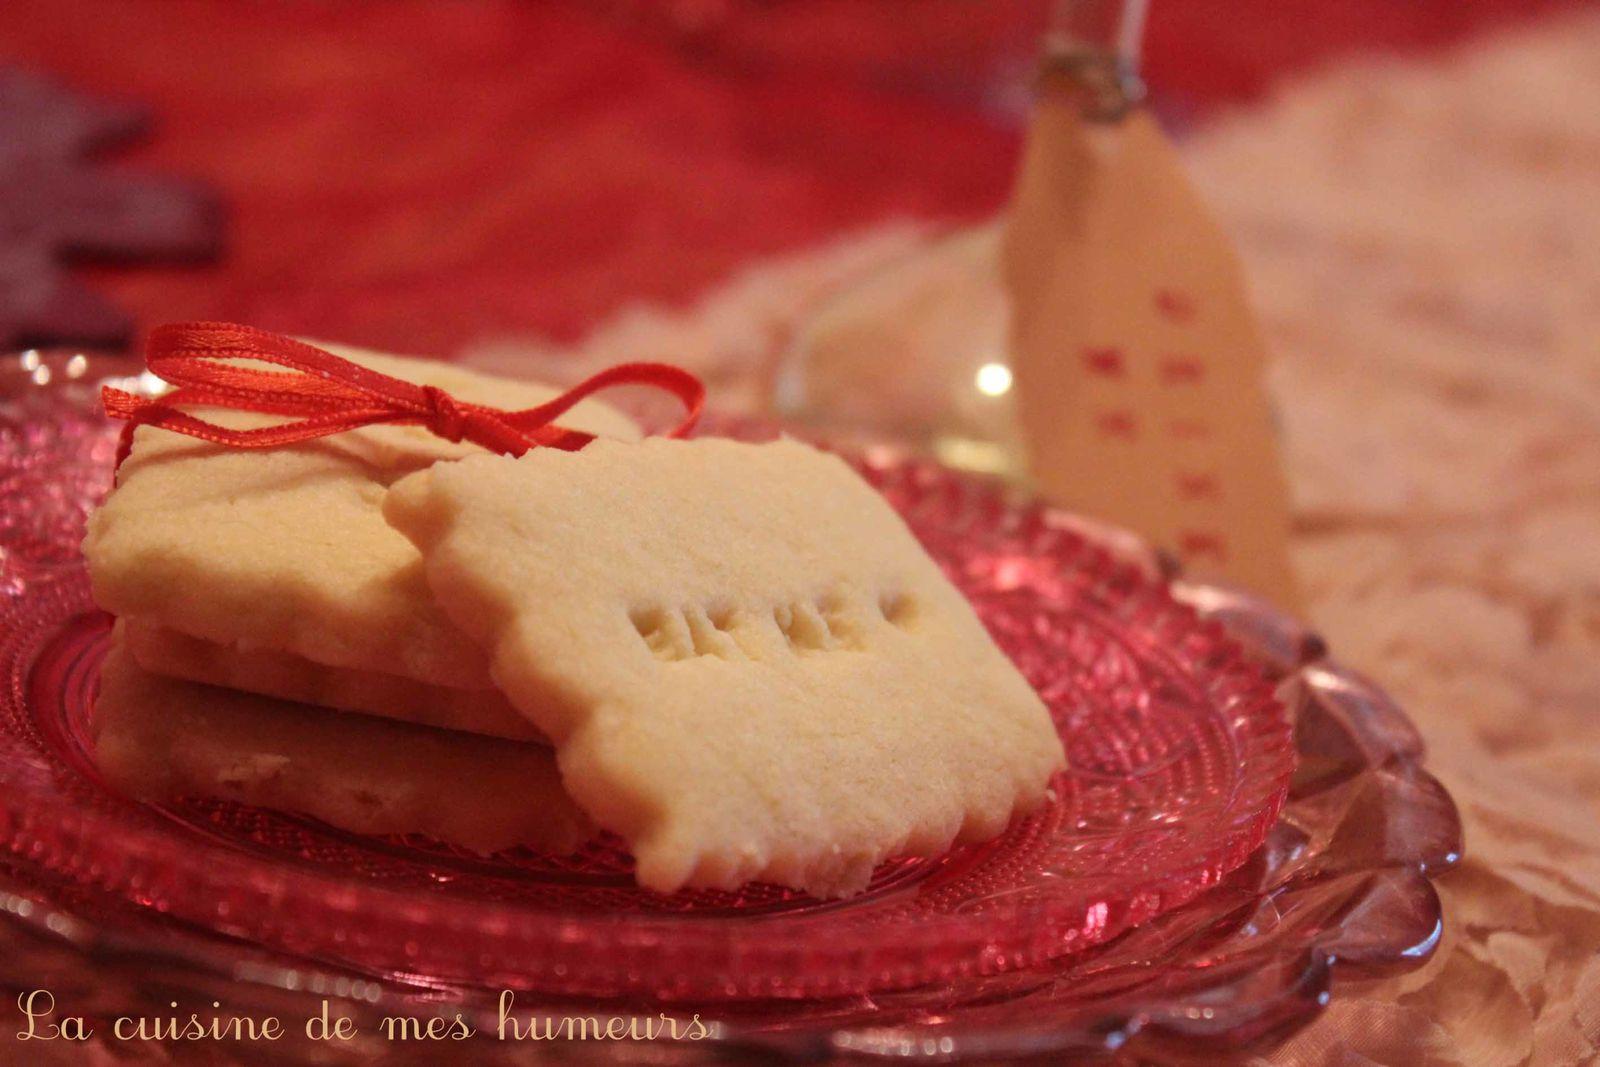 Les biscuits d'Alice au pays des merveilles